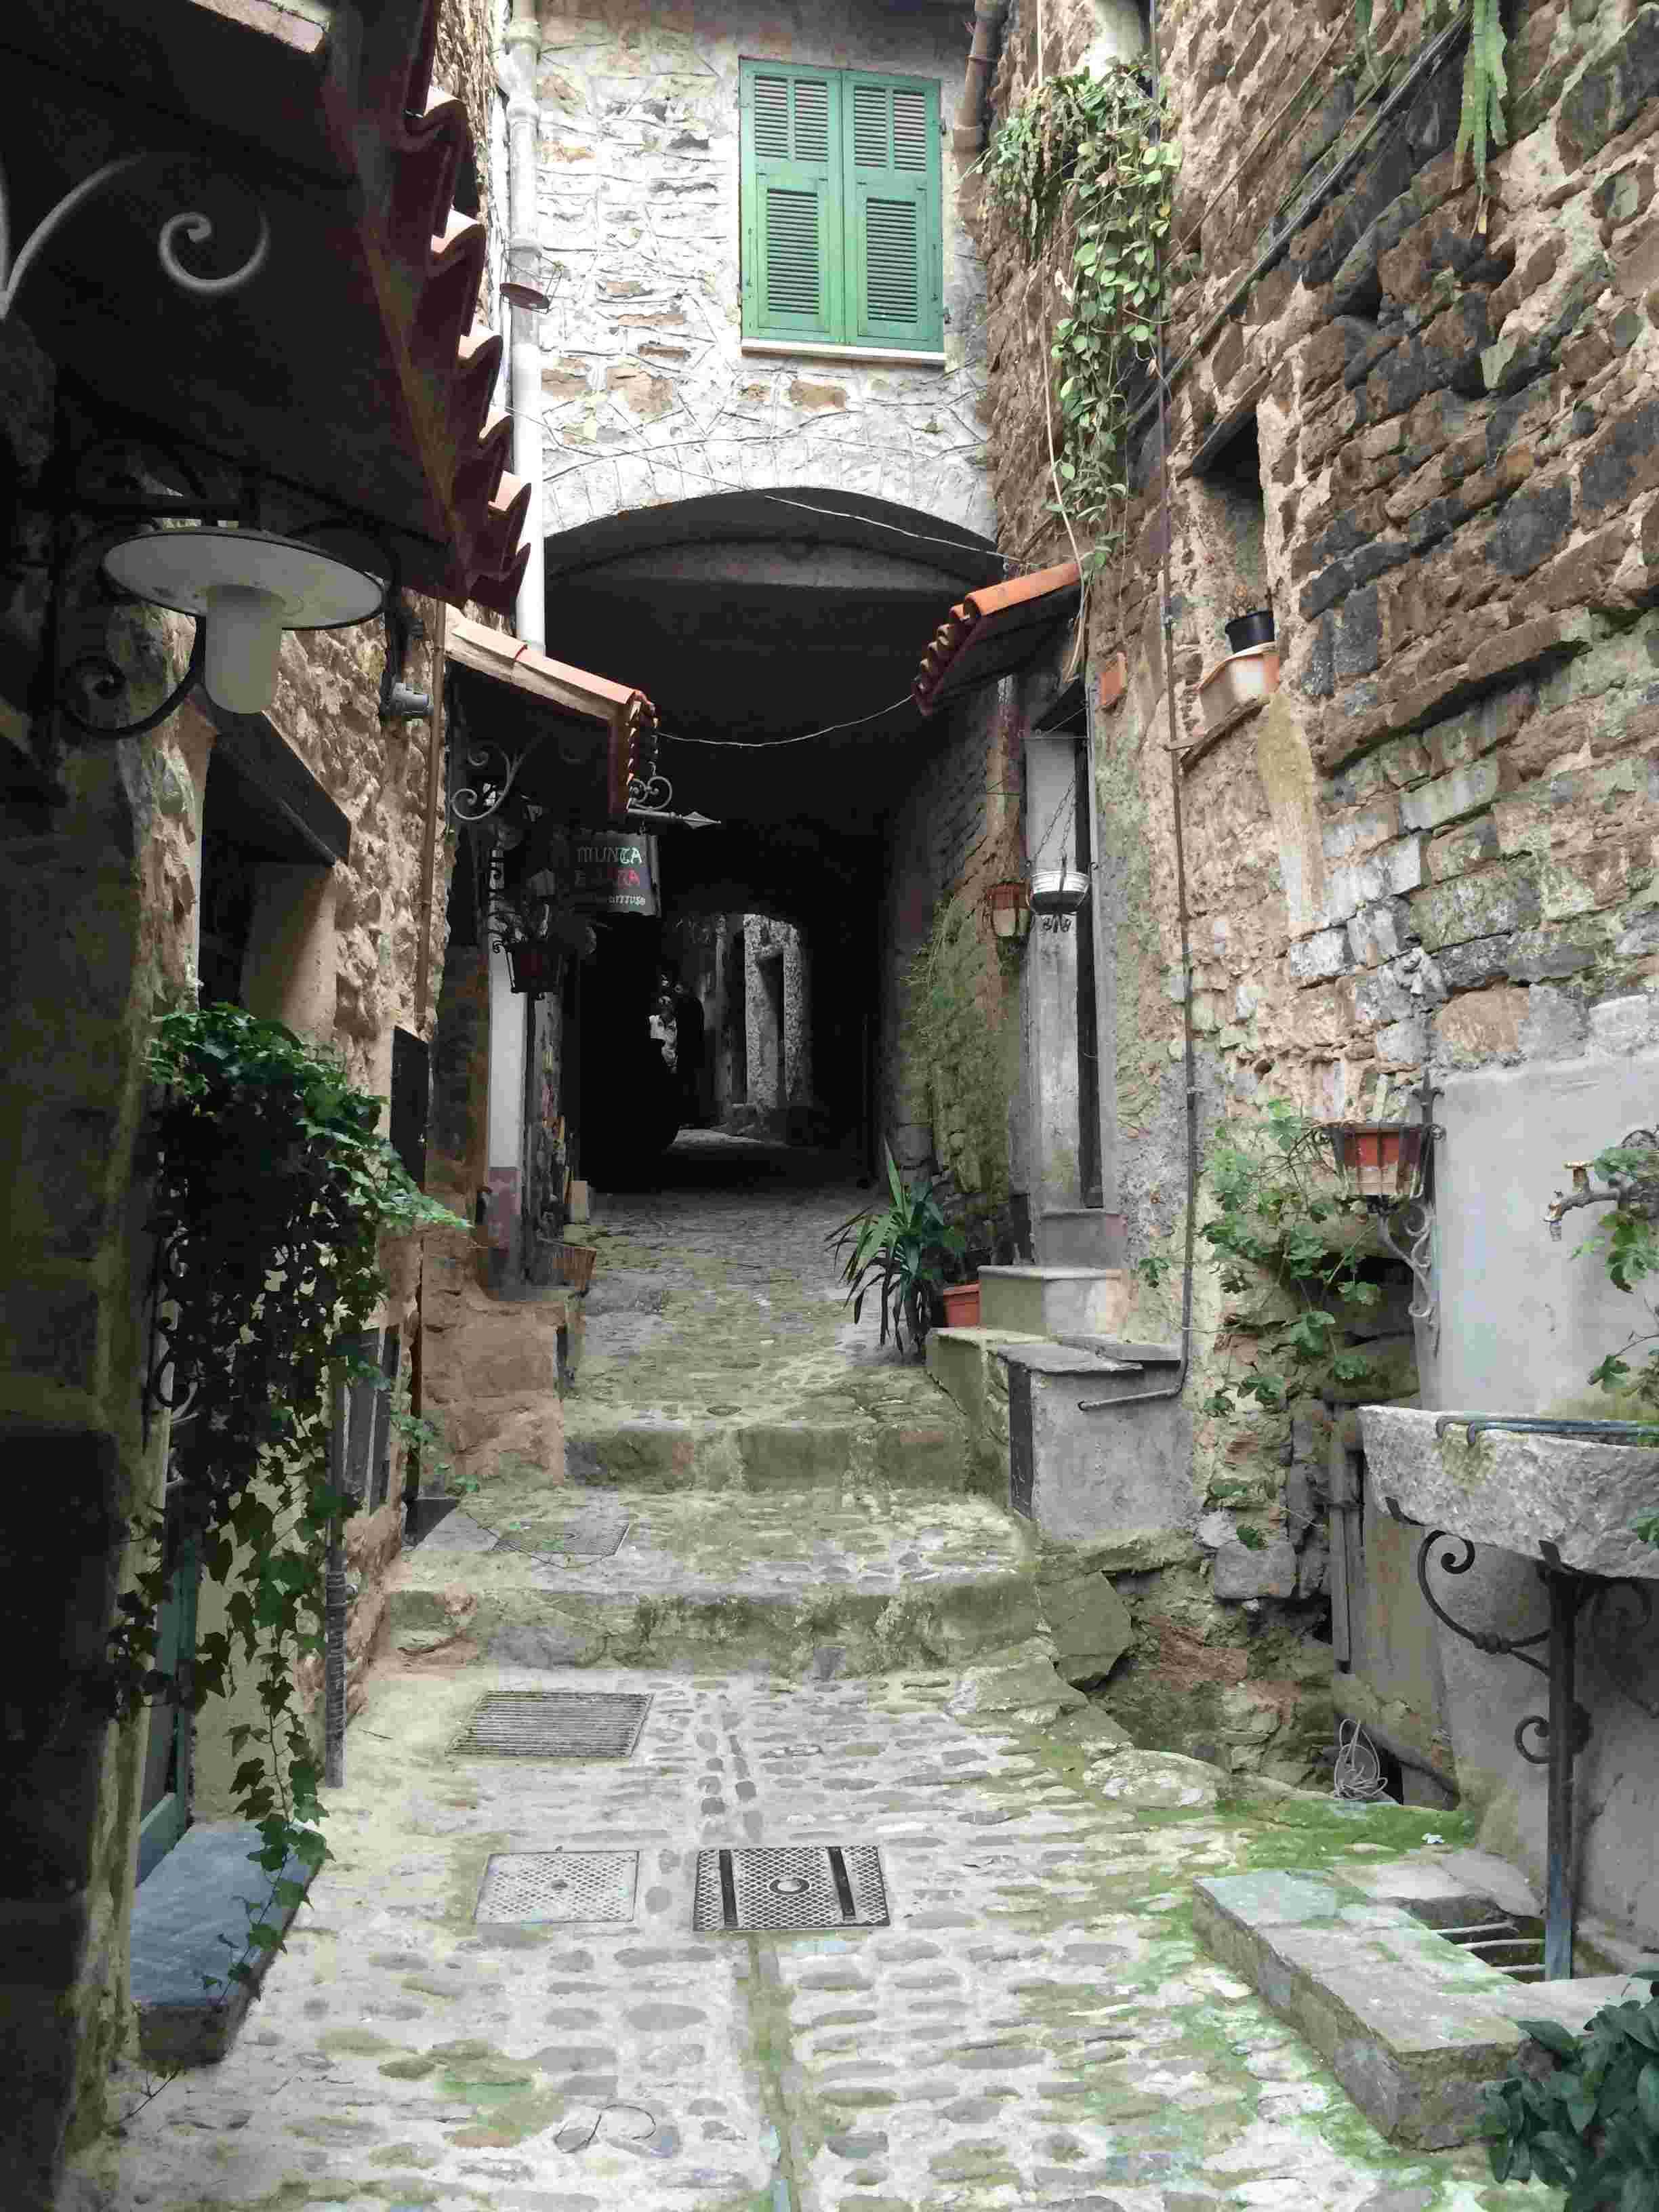 Apricale, le plus beau village d'Italie Aprica25